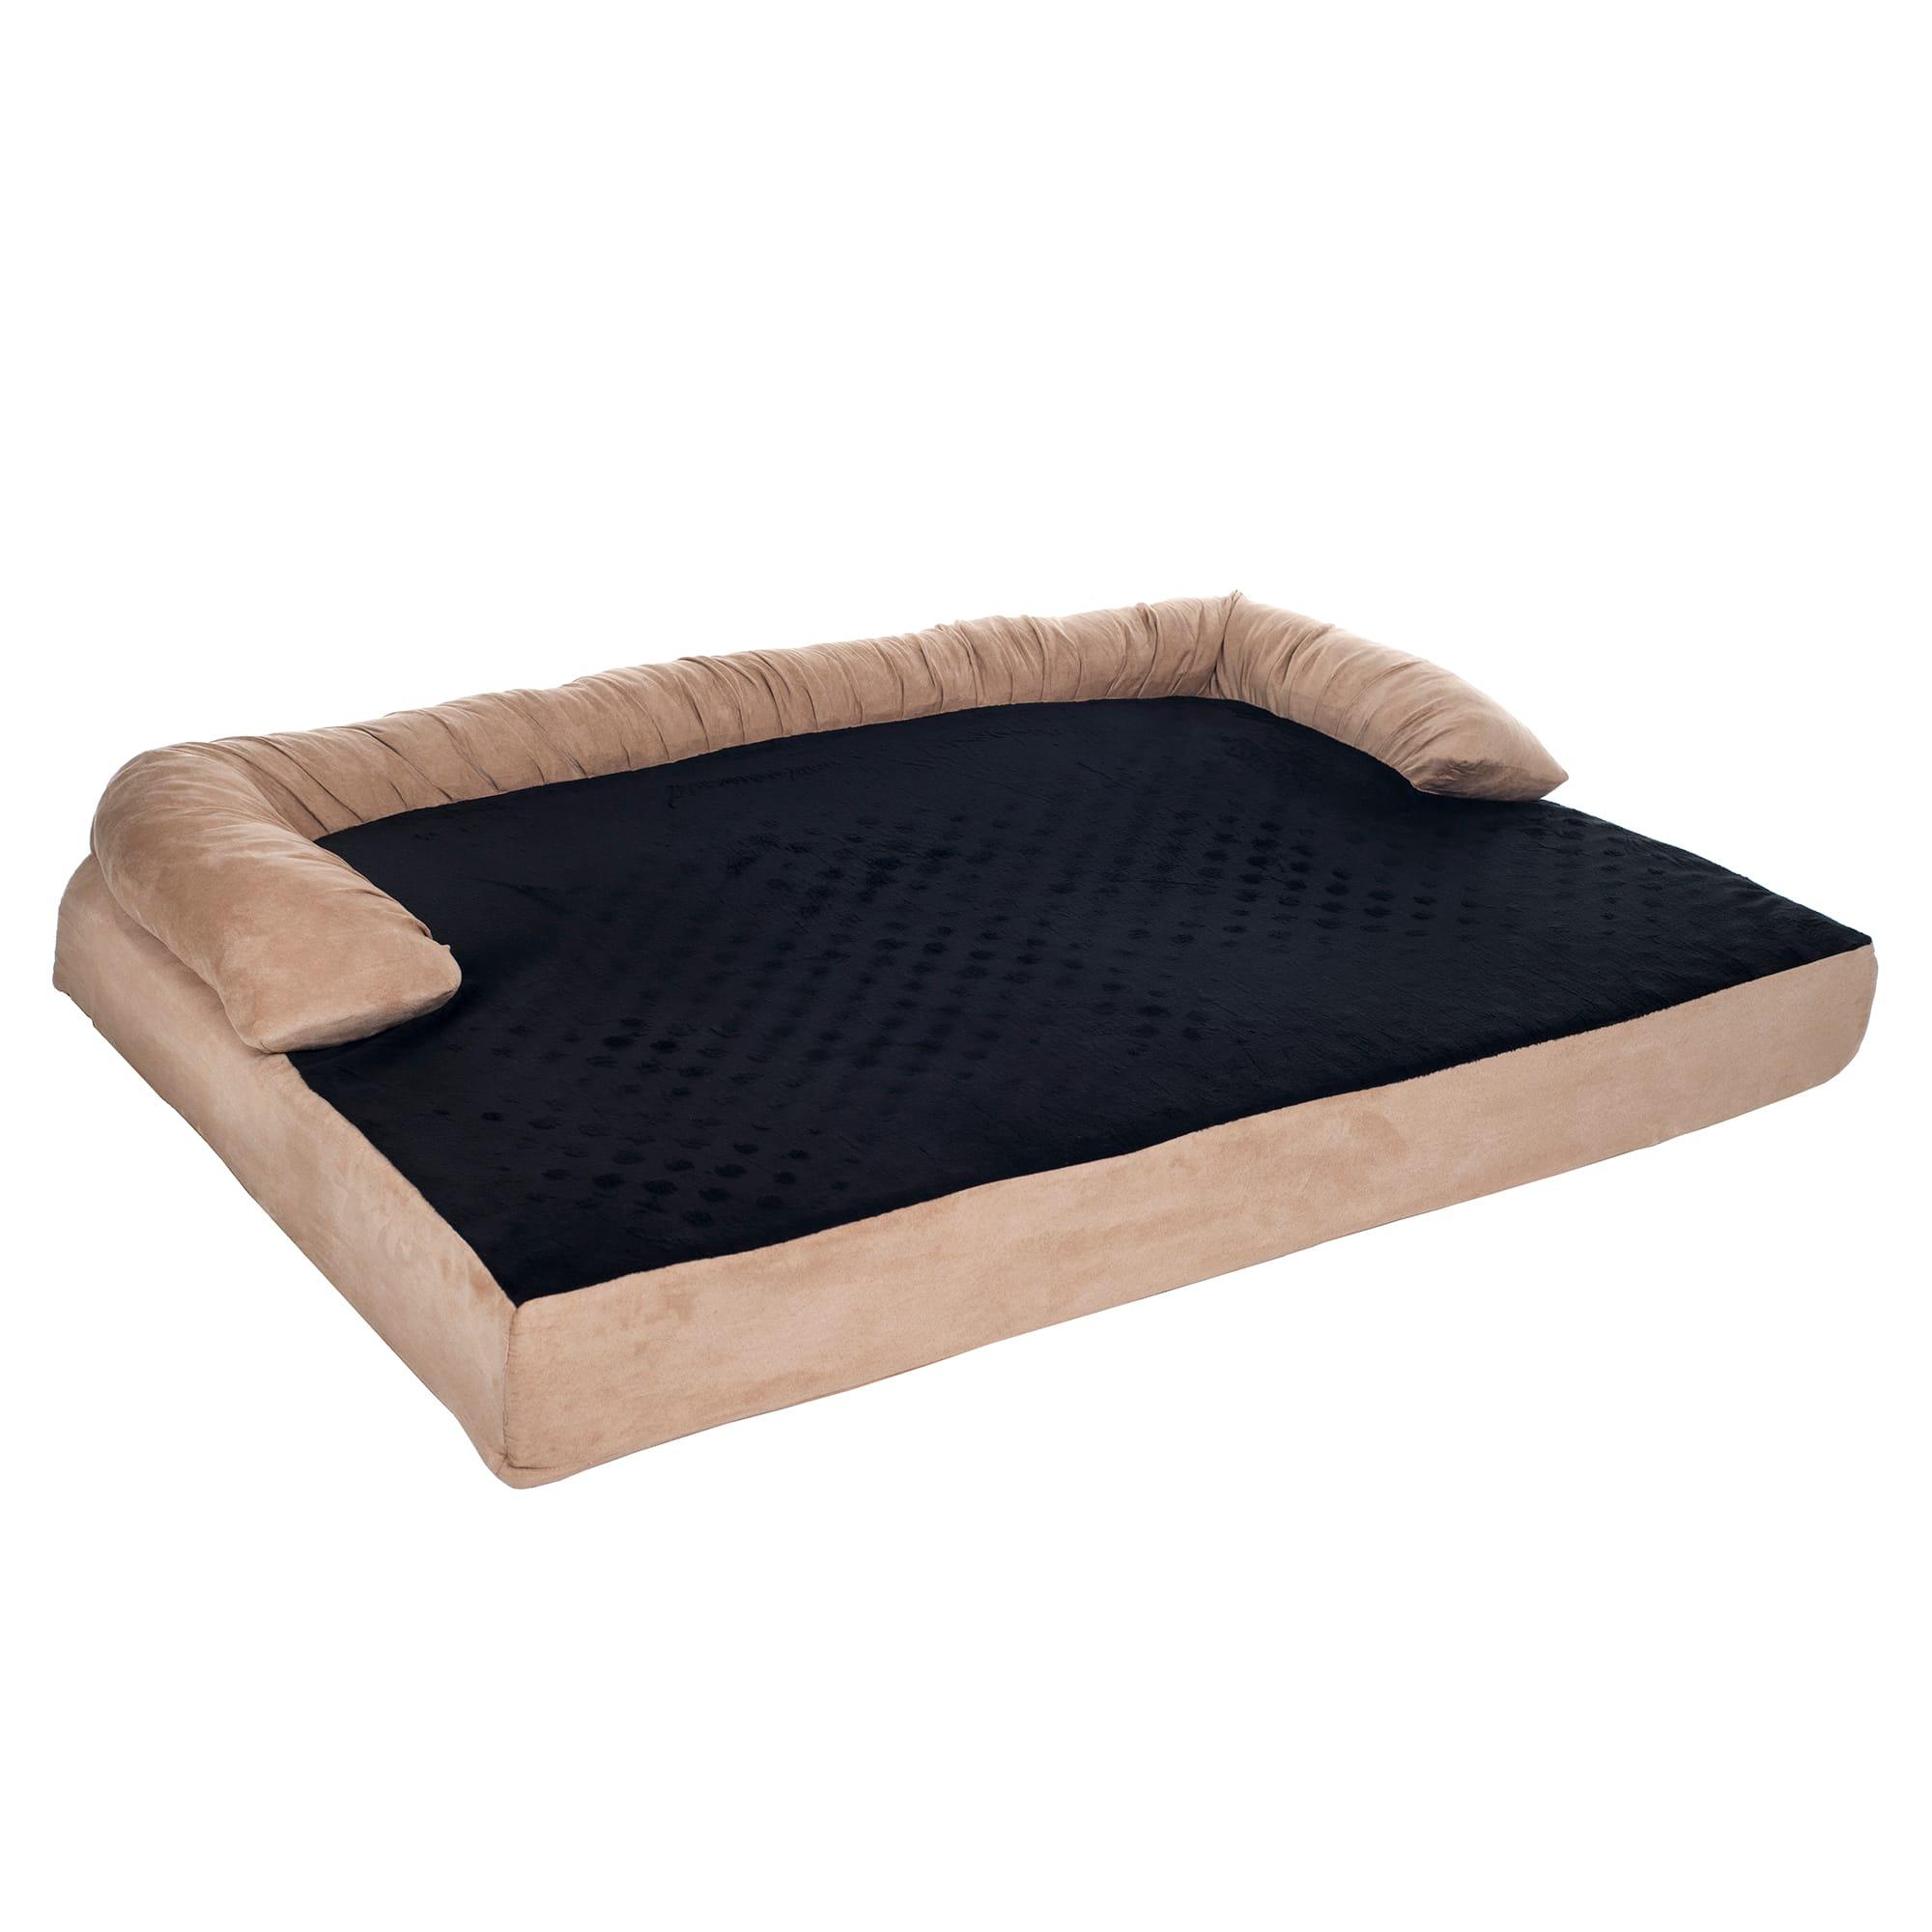 Petmaker Orthopedic Memory Foam Pet Bed 32 L X 45 5 W X 9 H Petco